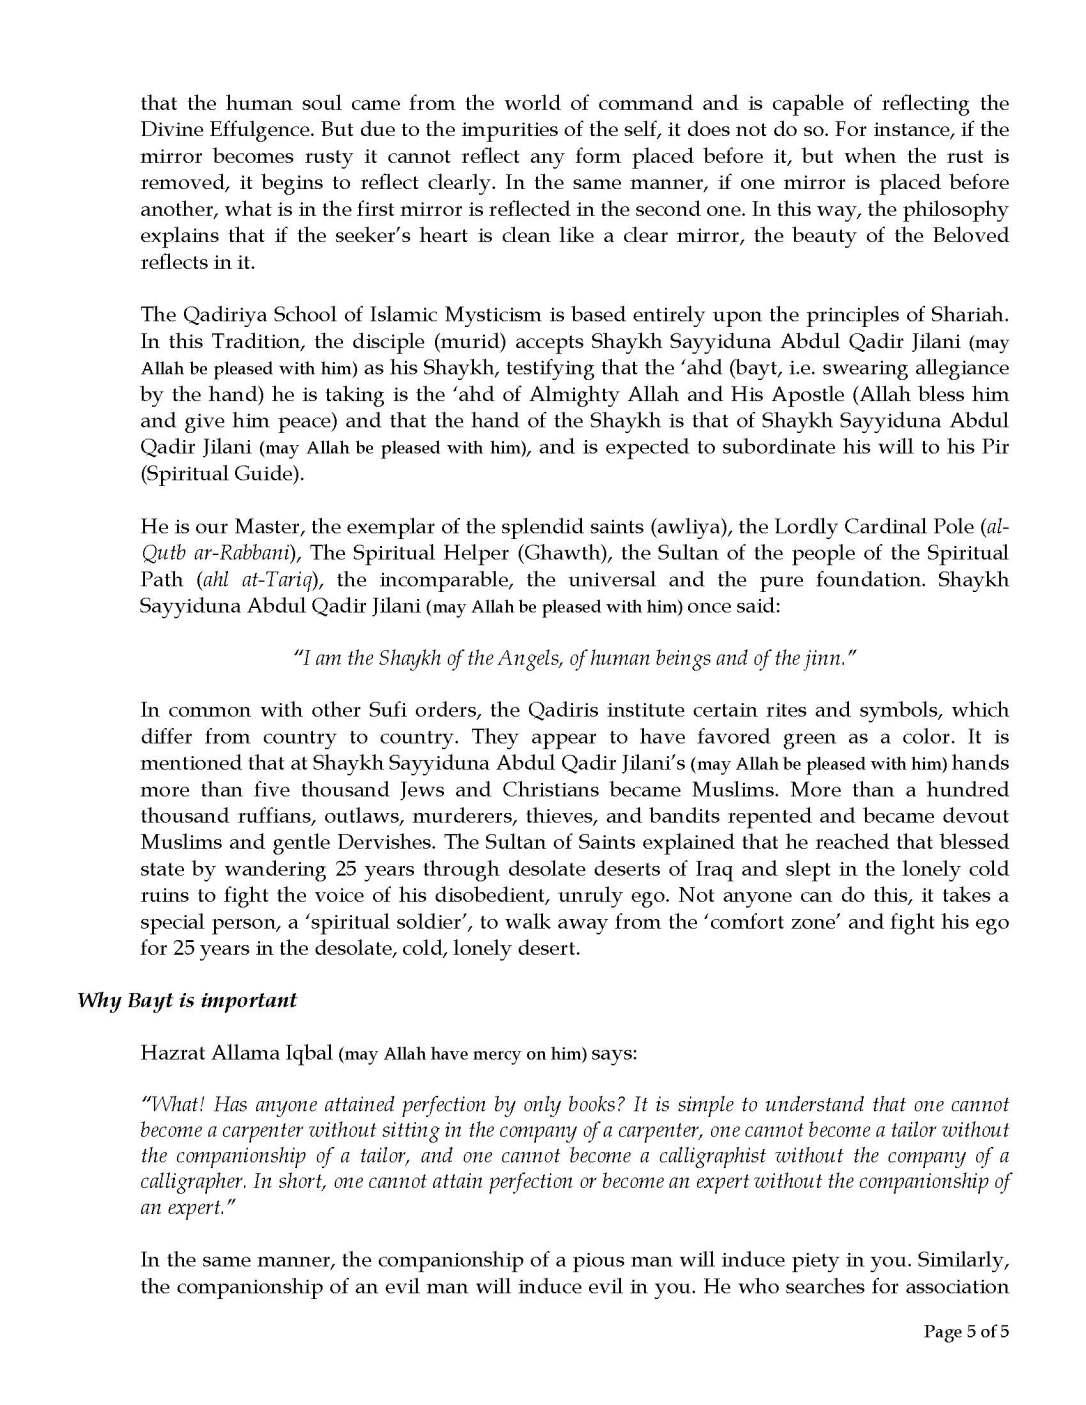 Hazrat-Ghouse-Azam-Sheikh-Syed-Abdul-Qadir-Jilani-R.A_Page_5